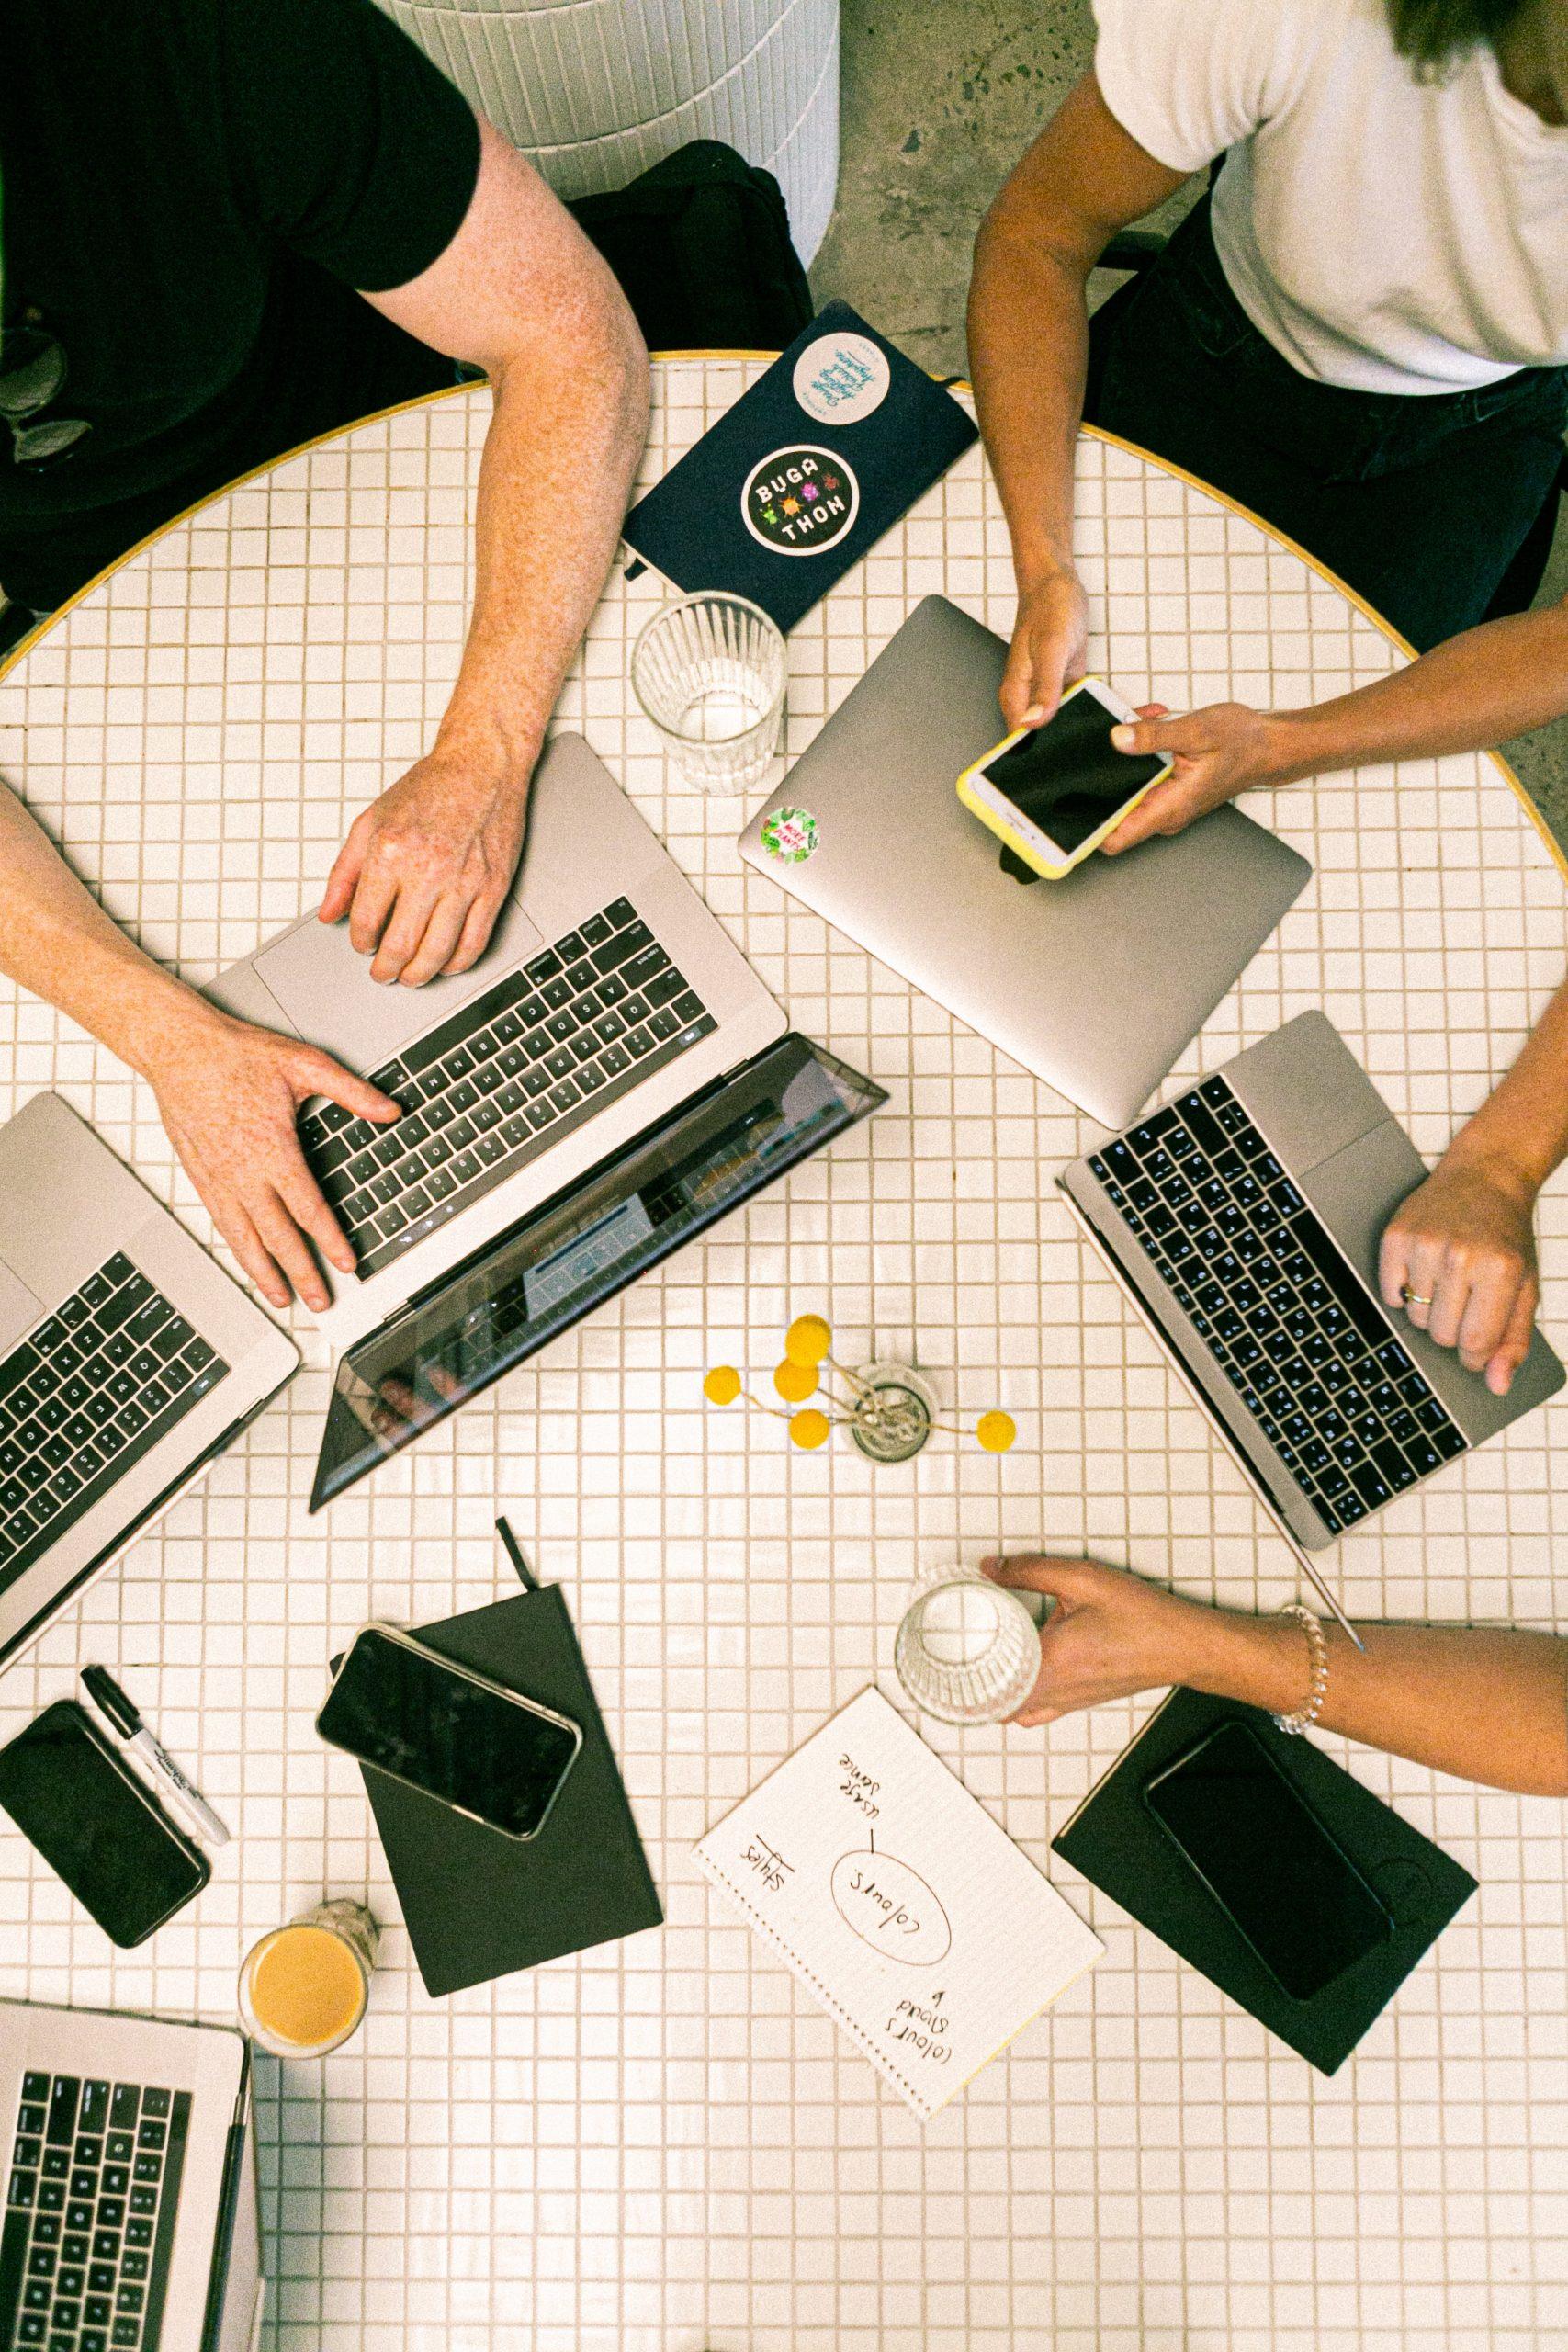 El-diagrama-de-shikawa-biworking-emprendimiento-innovación-emprendedores-proyectos